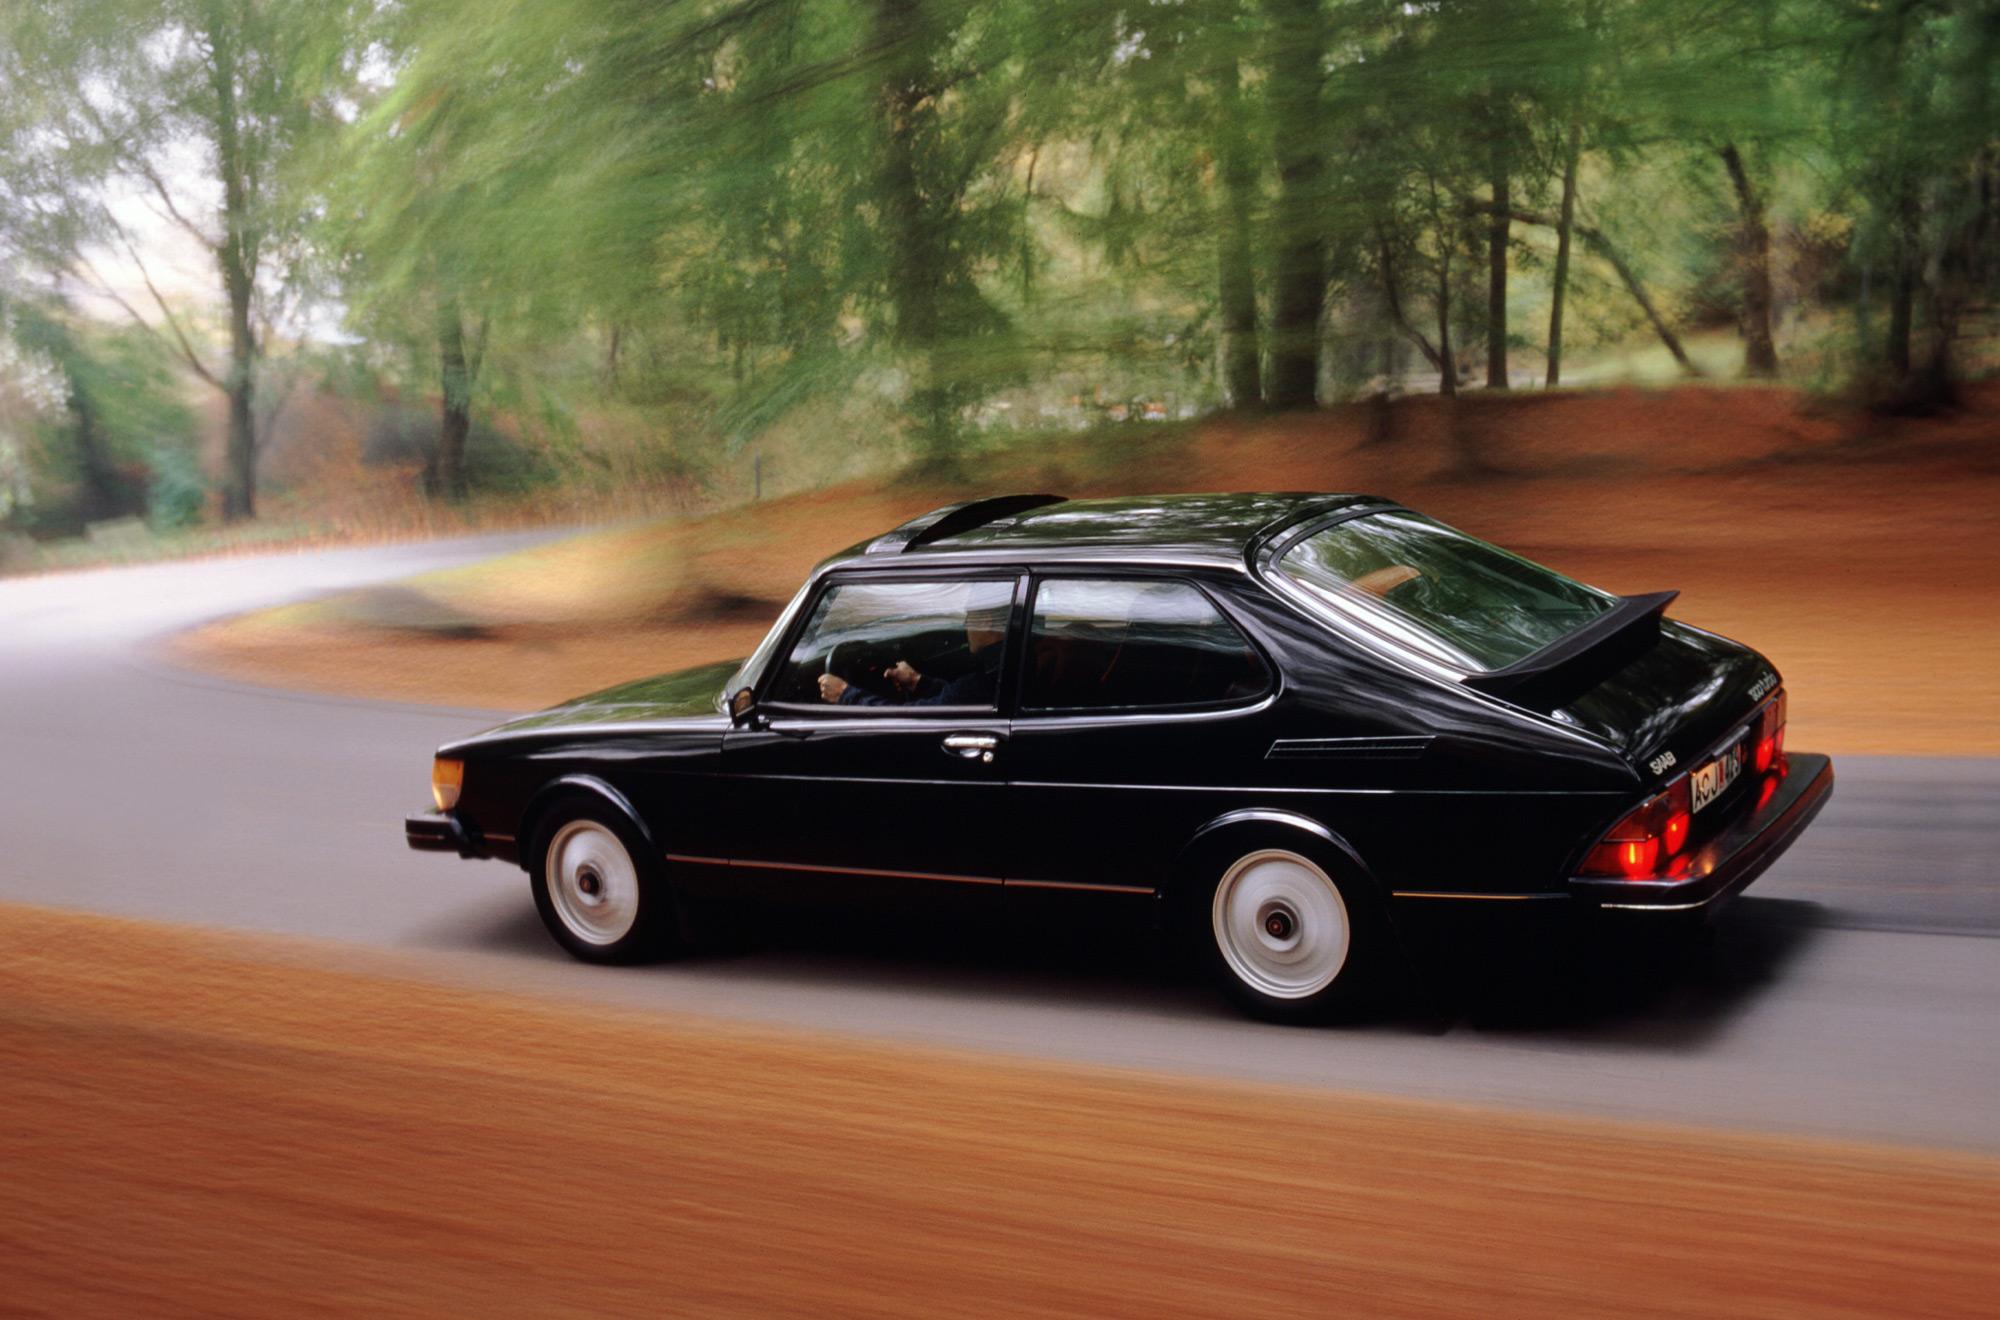 SAAB 900 black